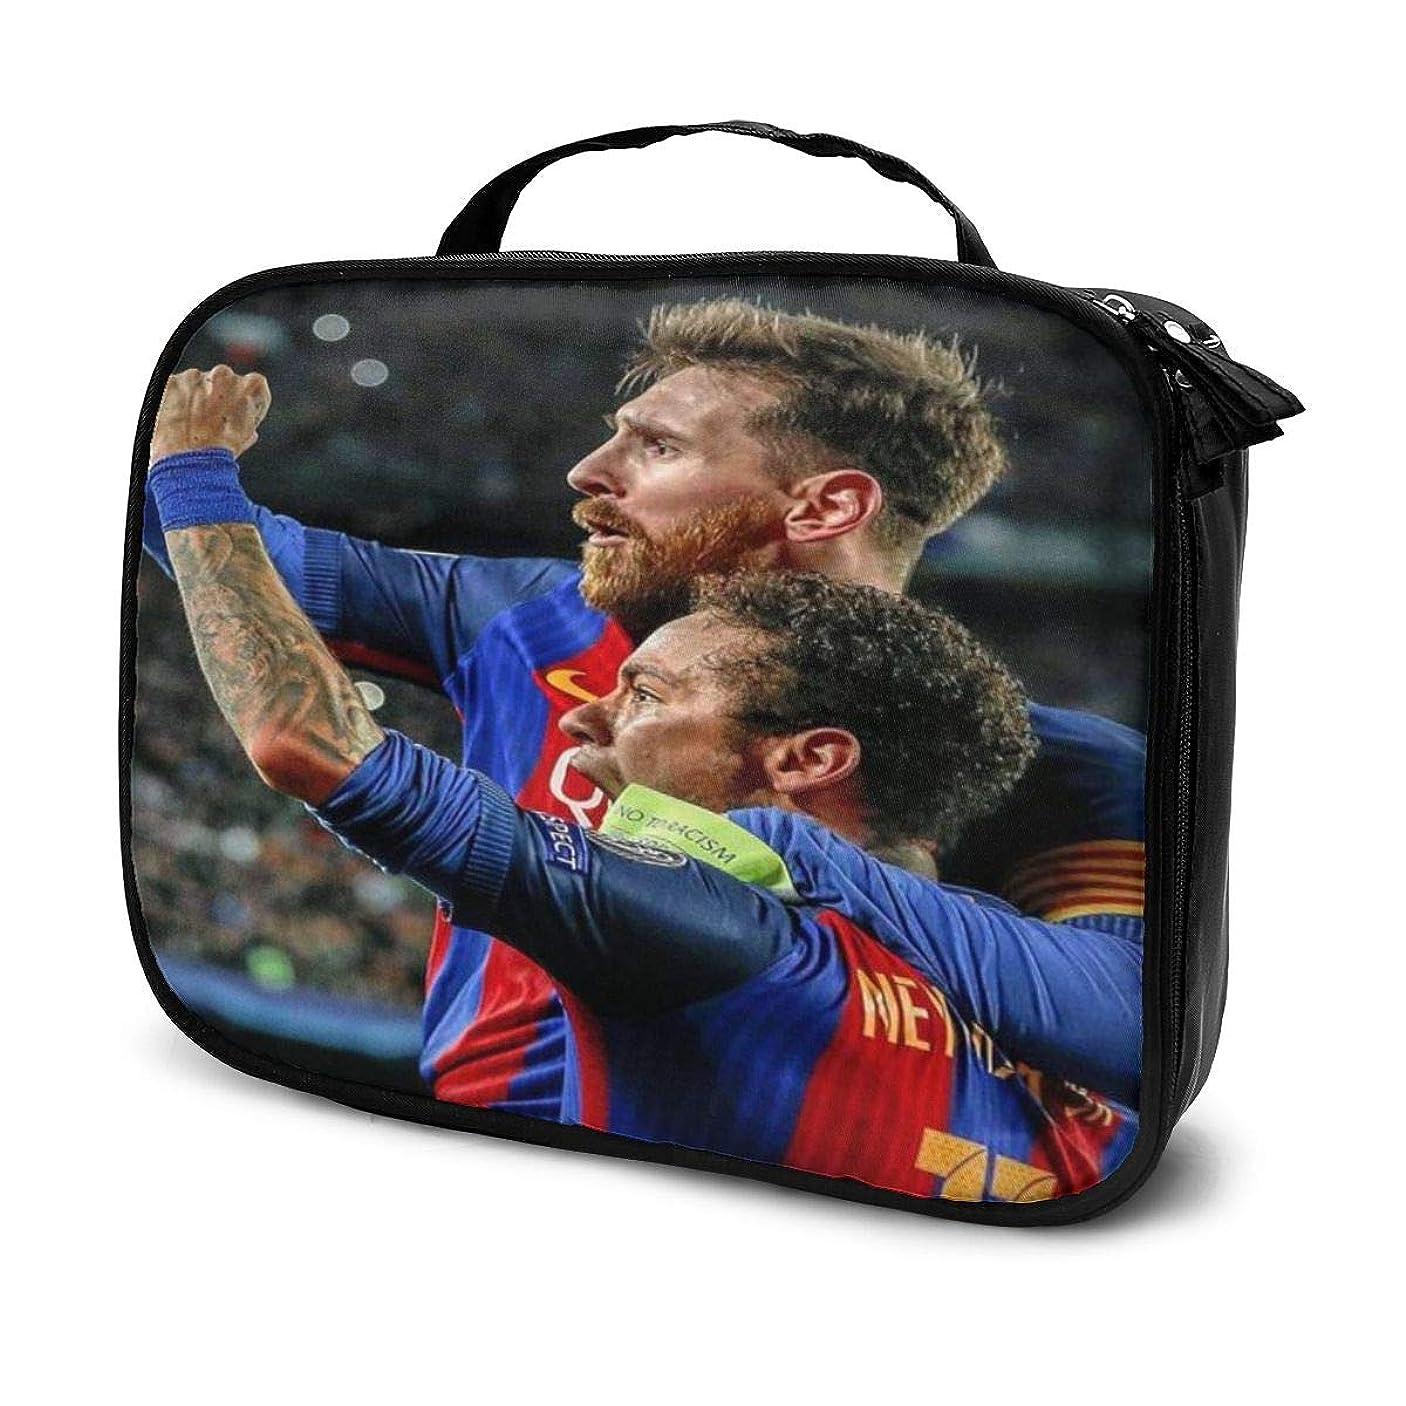 確認してください防腐剤自殺化粧ポーチ Messi Neymar メッシ、ニーマルJR 女性化粧品バッグ ビューティー メイク道具 フェイスケアツール 化粧ポーチメイクボックス ホーム、旅行、ショッピング、ショッピング